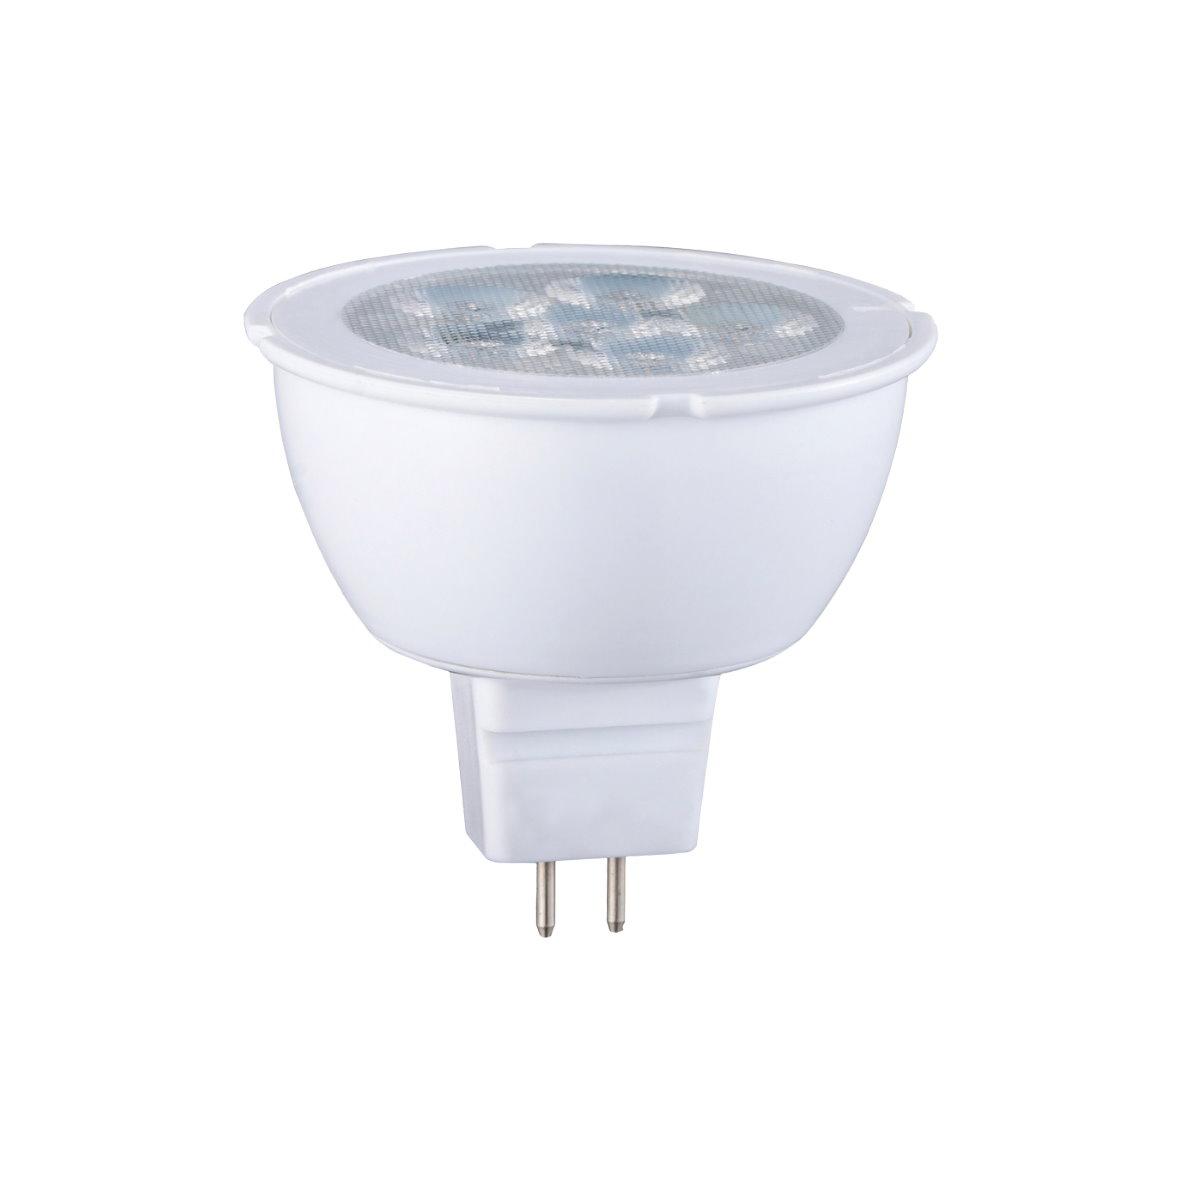 smd led leuchtmittel licht spot strahler birne lampe light bulb candle mr16 230v ebay. Black Bedroom Furniture Sets. Home Design Ideas